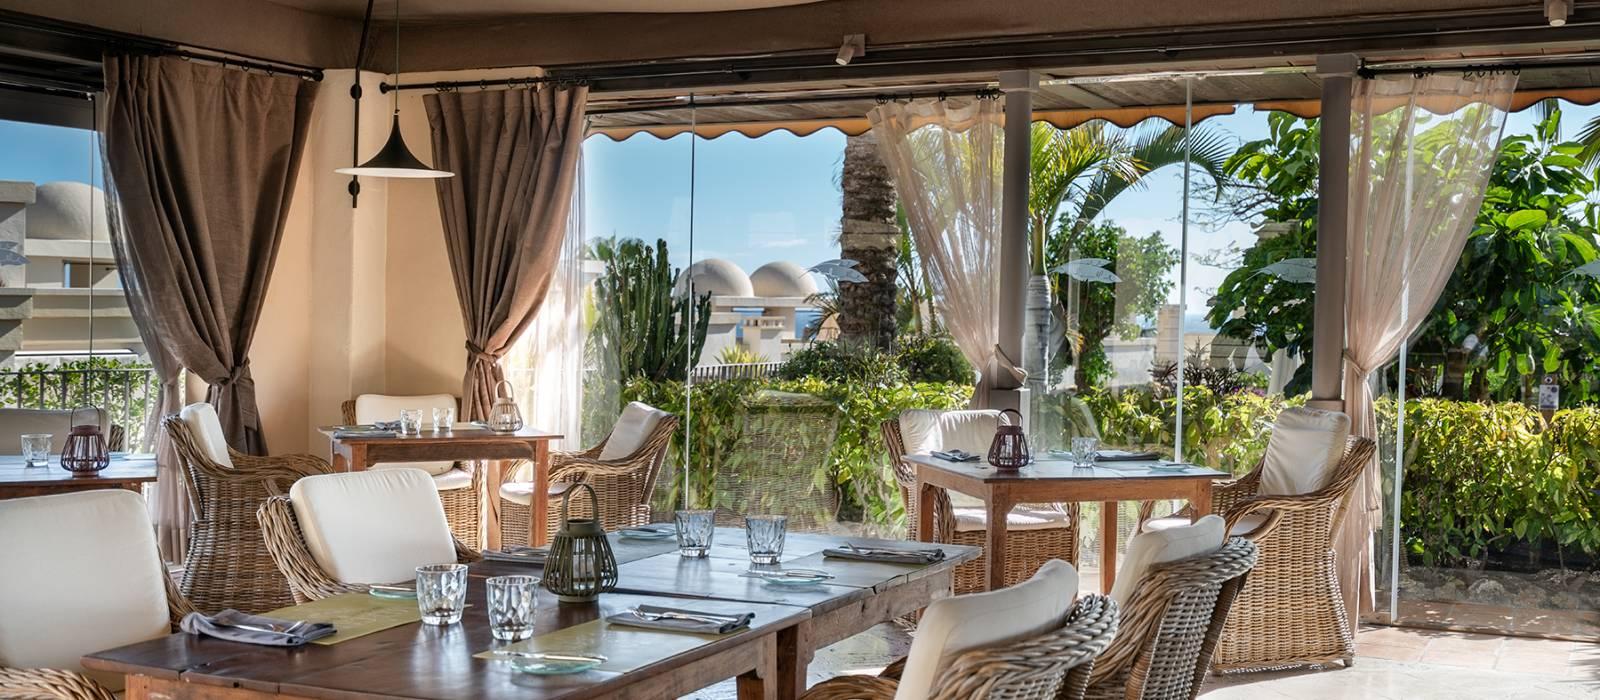 Pool & Snack Jaima - Hotel Vincci La Plantación del Sur Tenerife